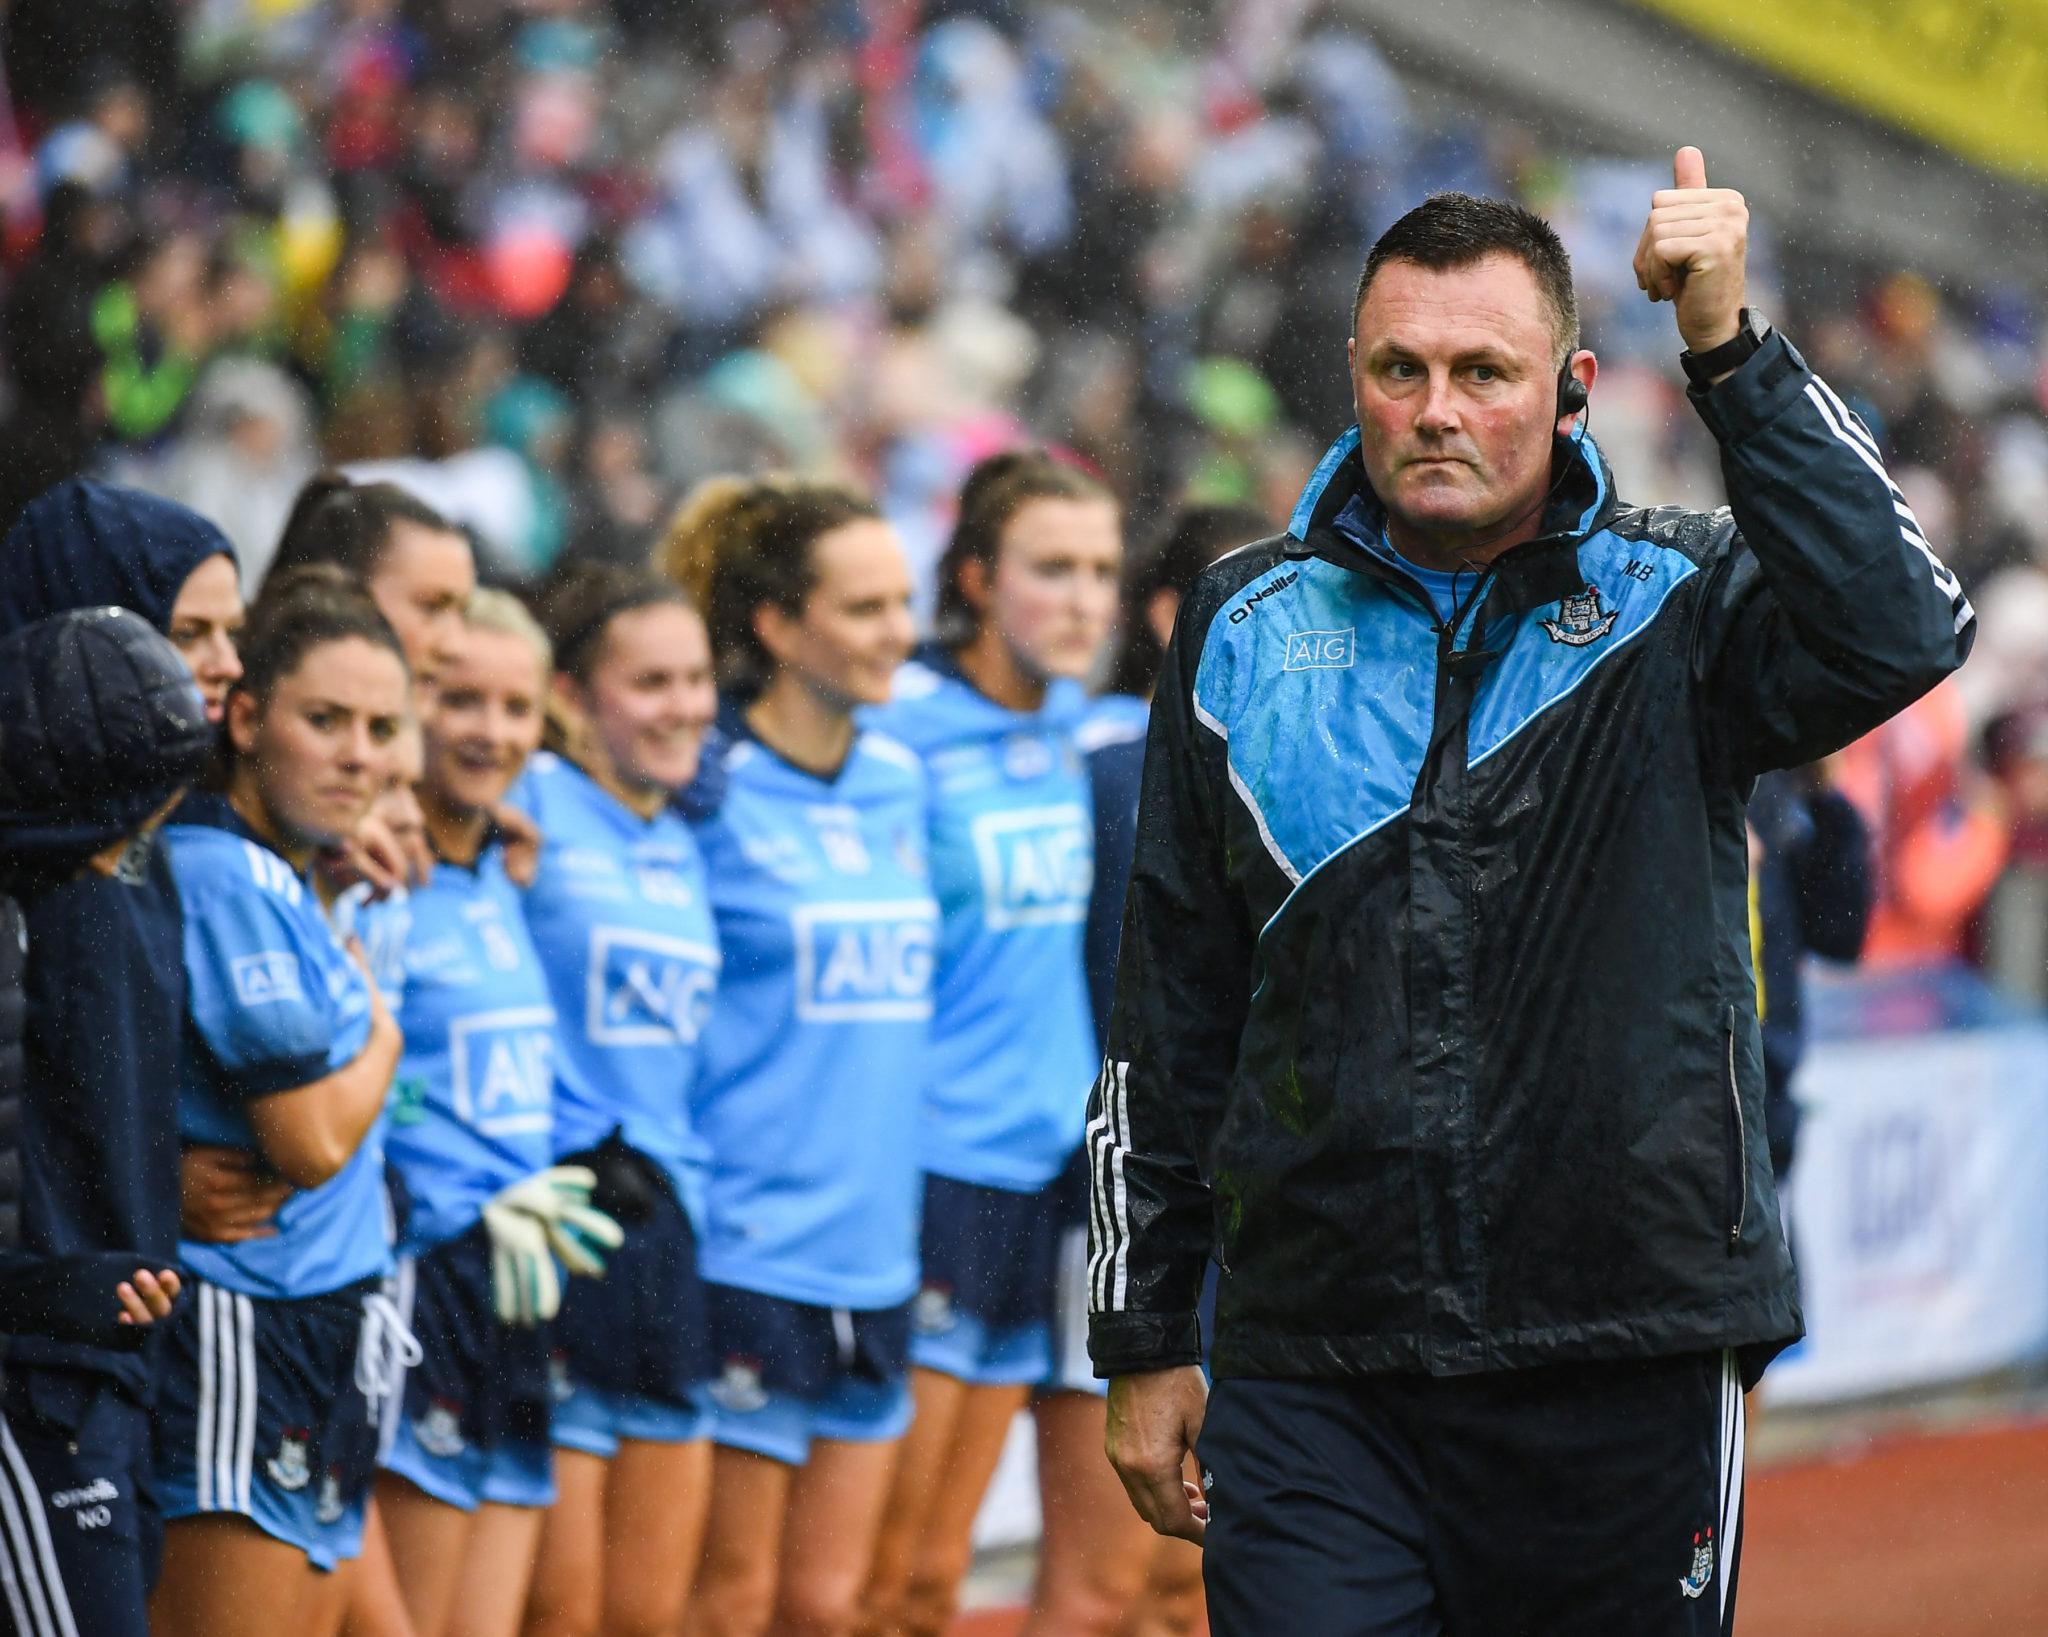 Dublin ladies